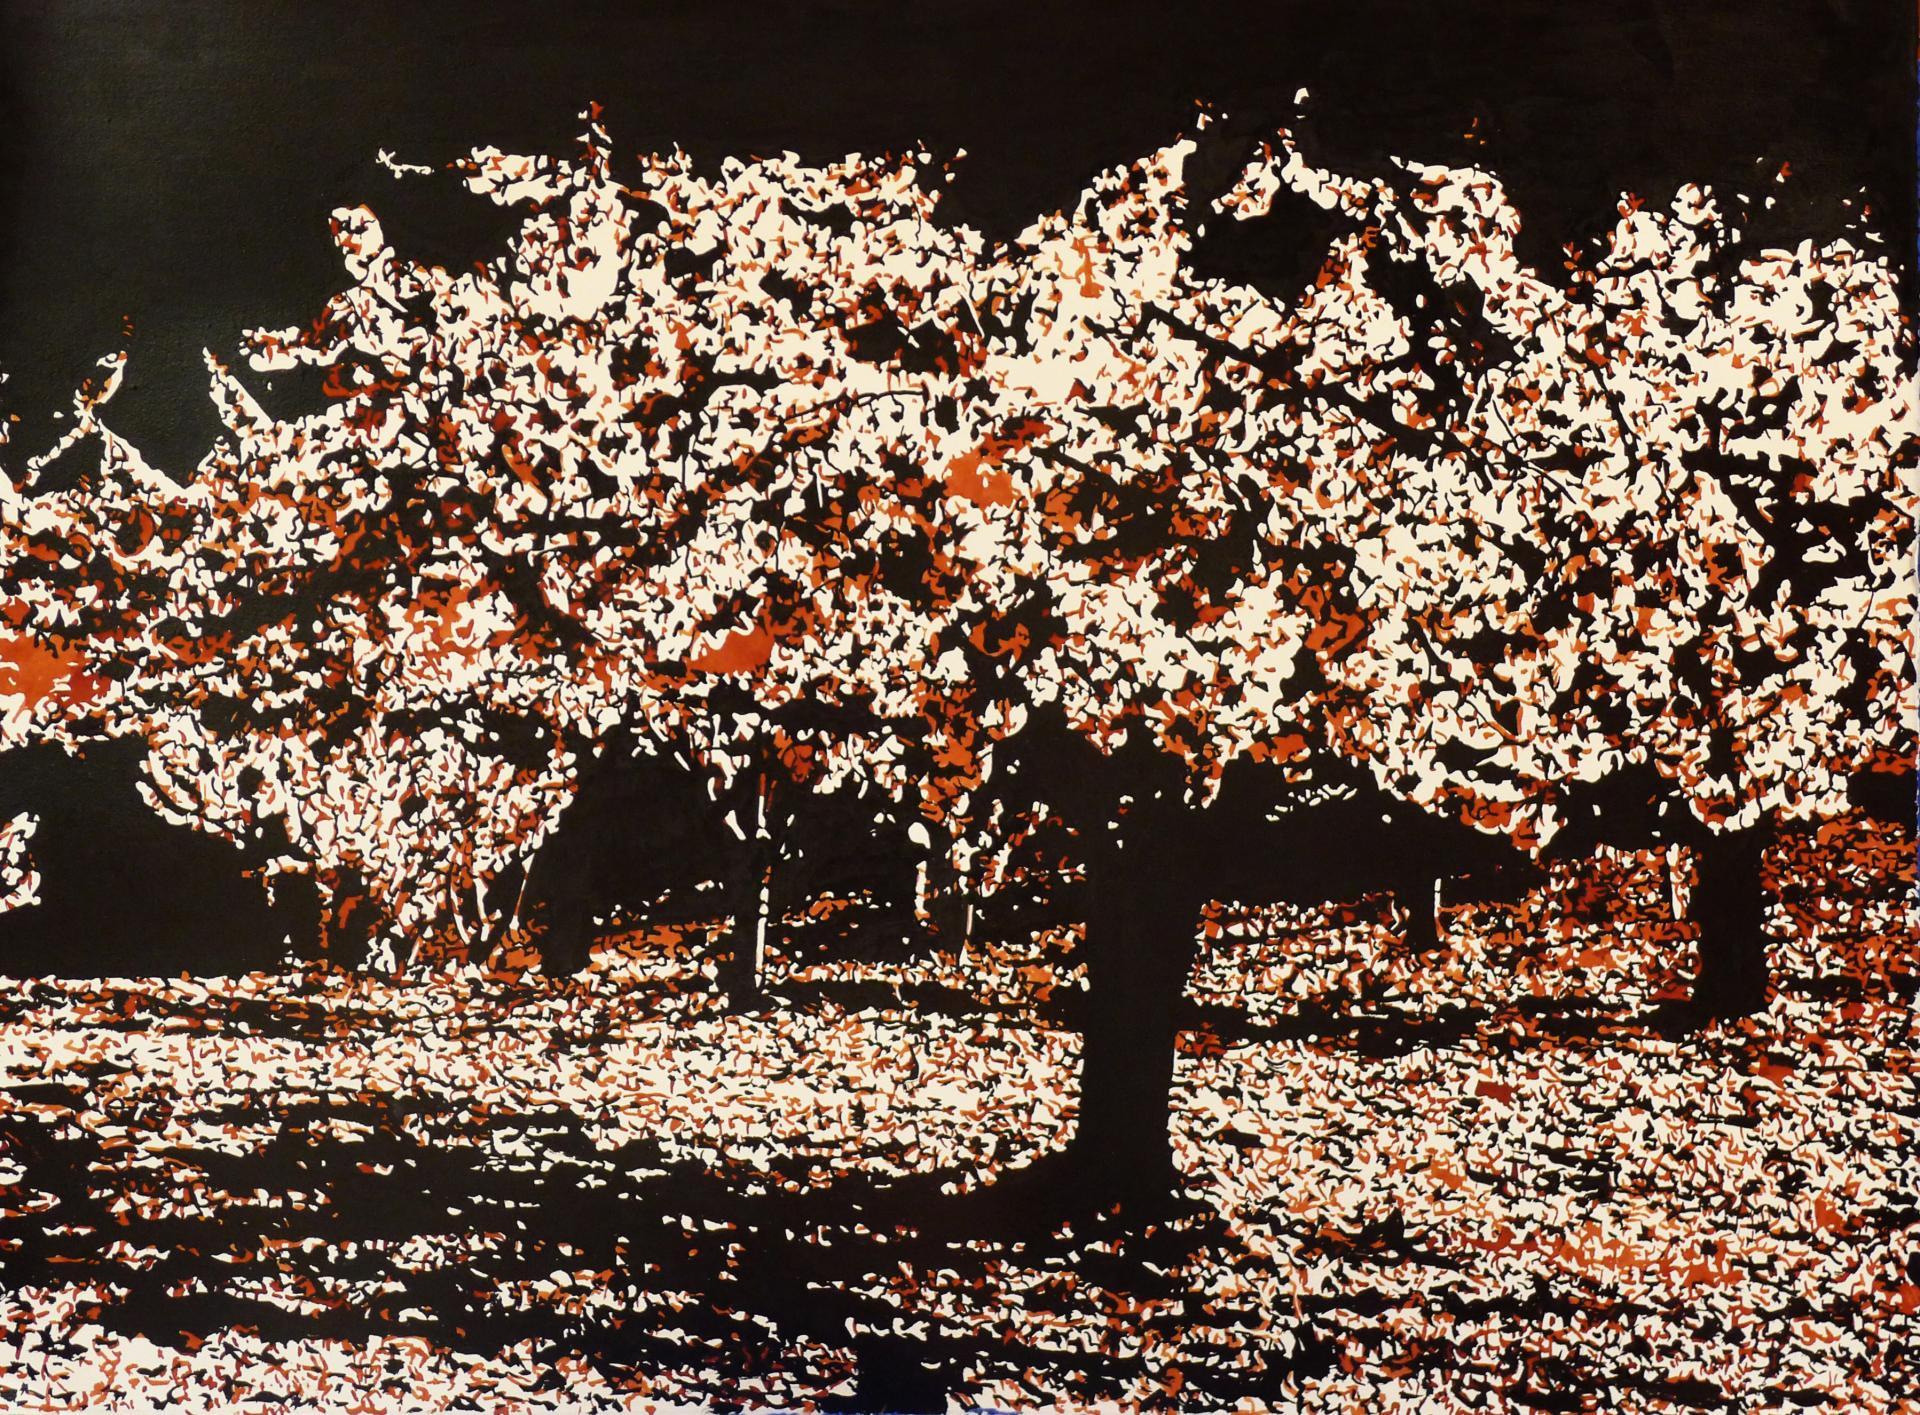 Cerisier 29 003 lumi